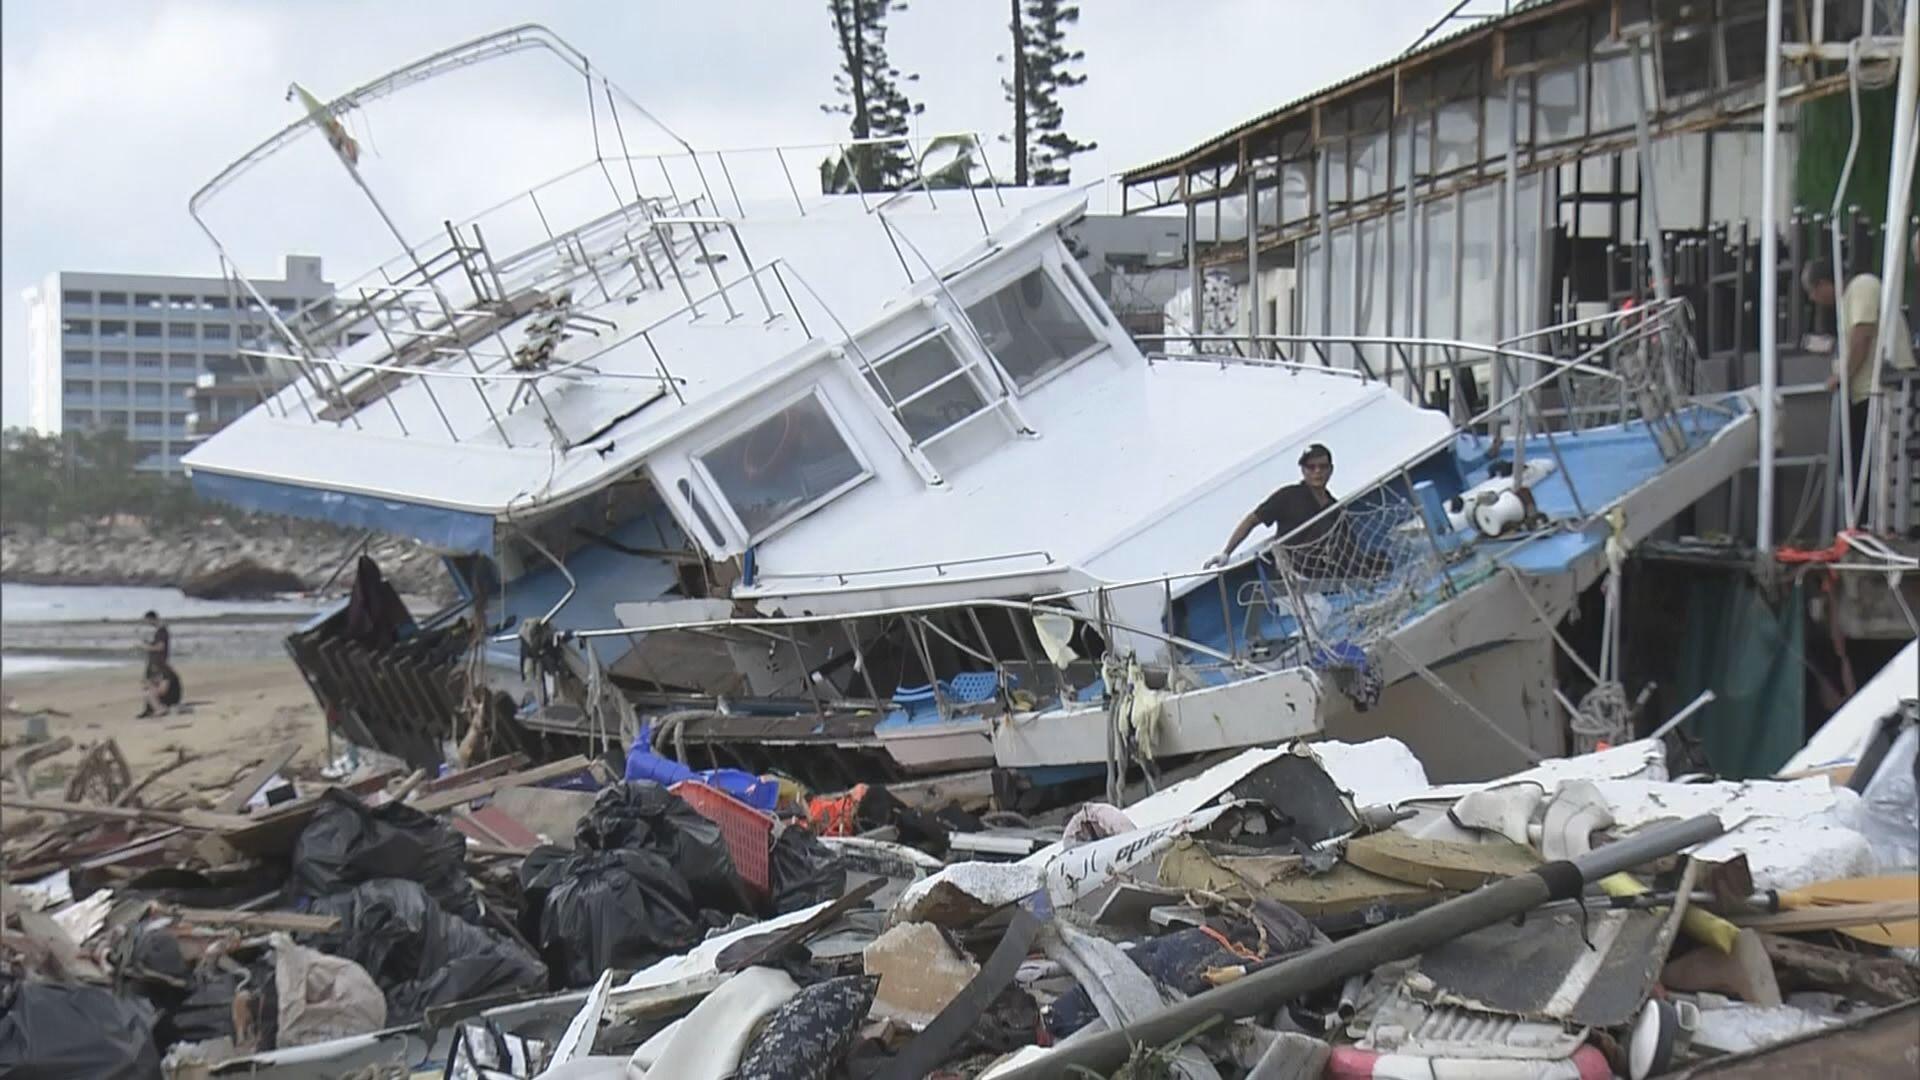 西貢多艘遊艇擱淺 船主損失慘重